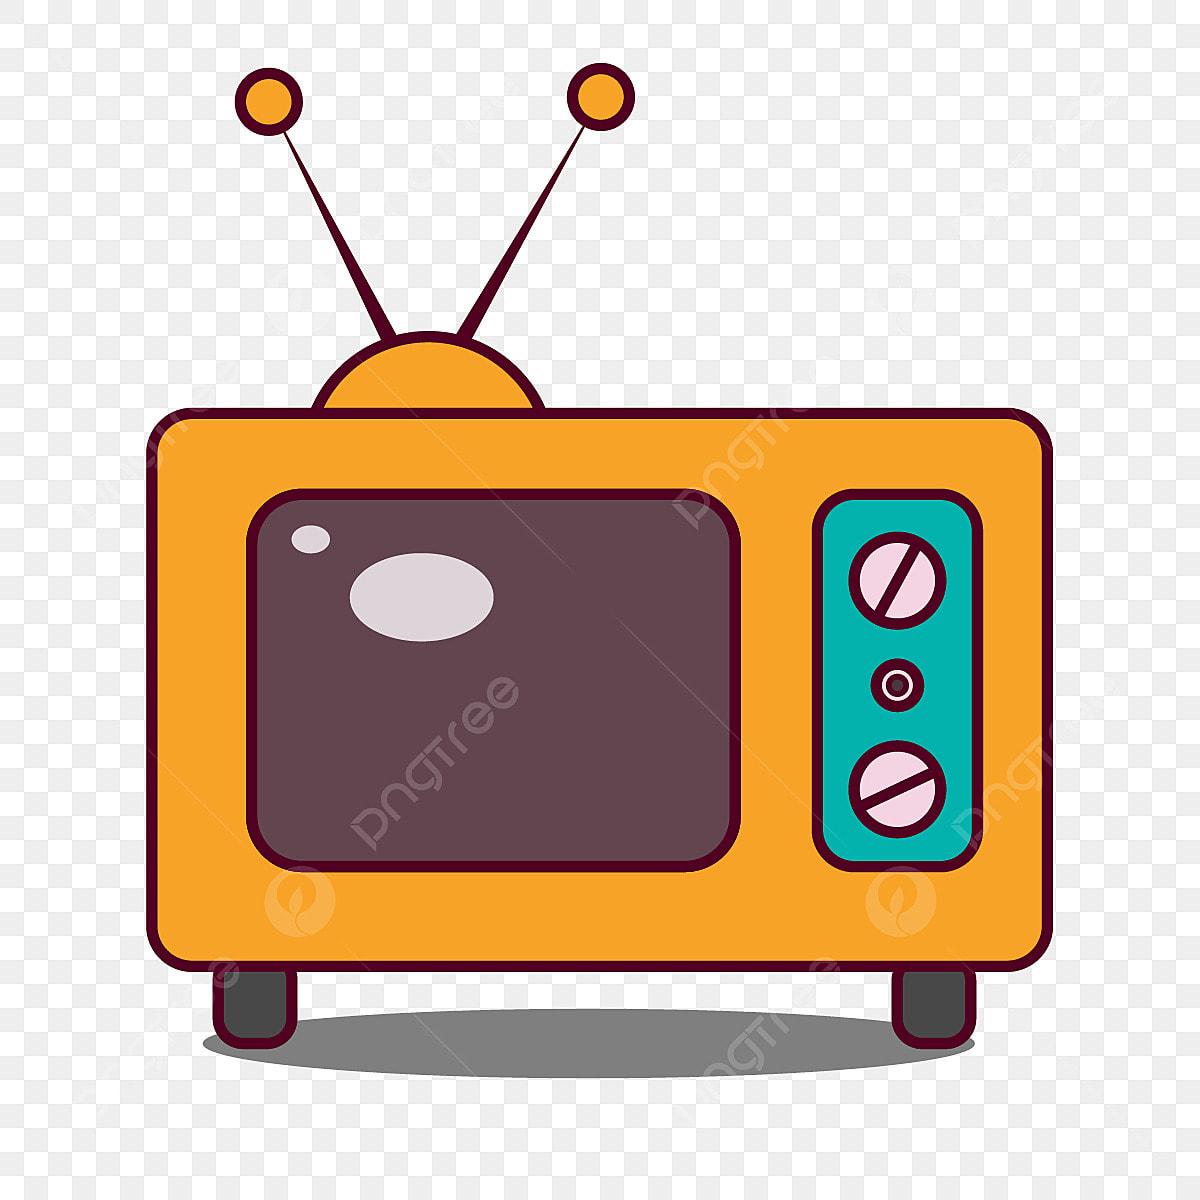 تلفزيون قديم Png المتجهات Psd قصاصة فنية تحميل مجاني Pngtree